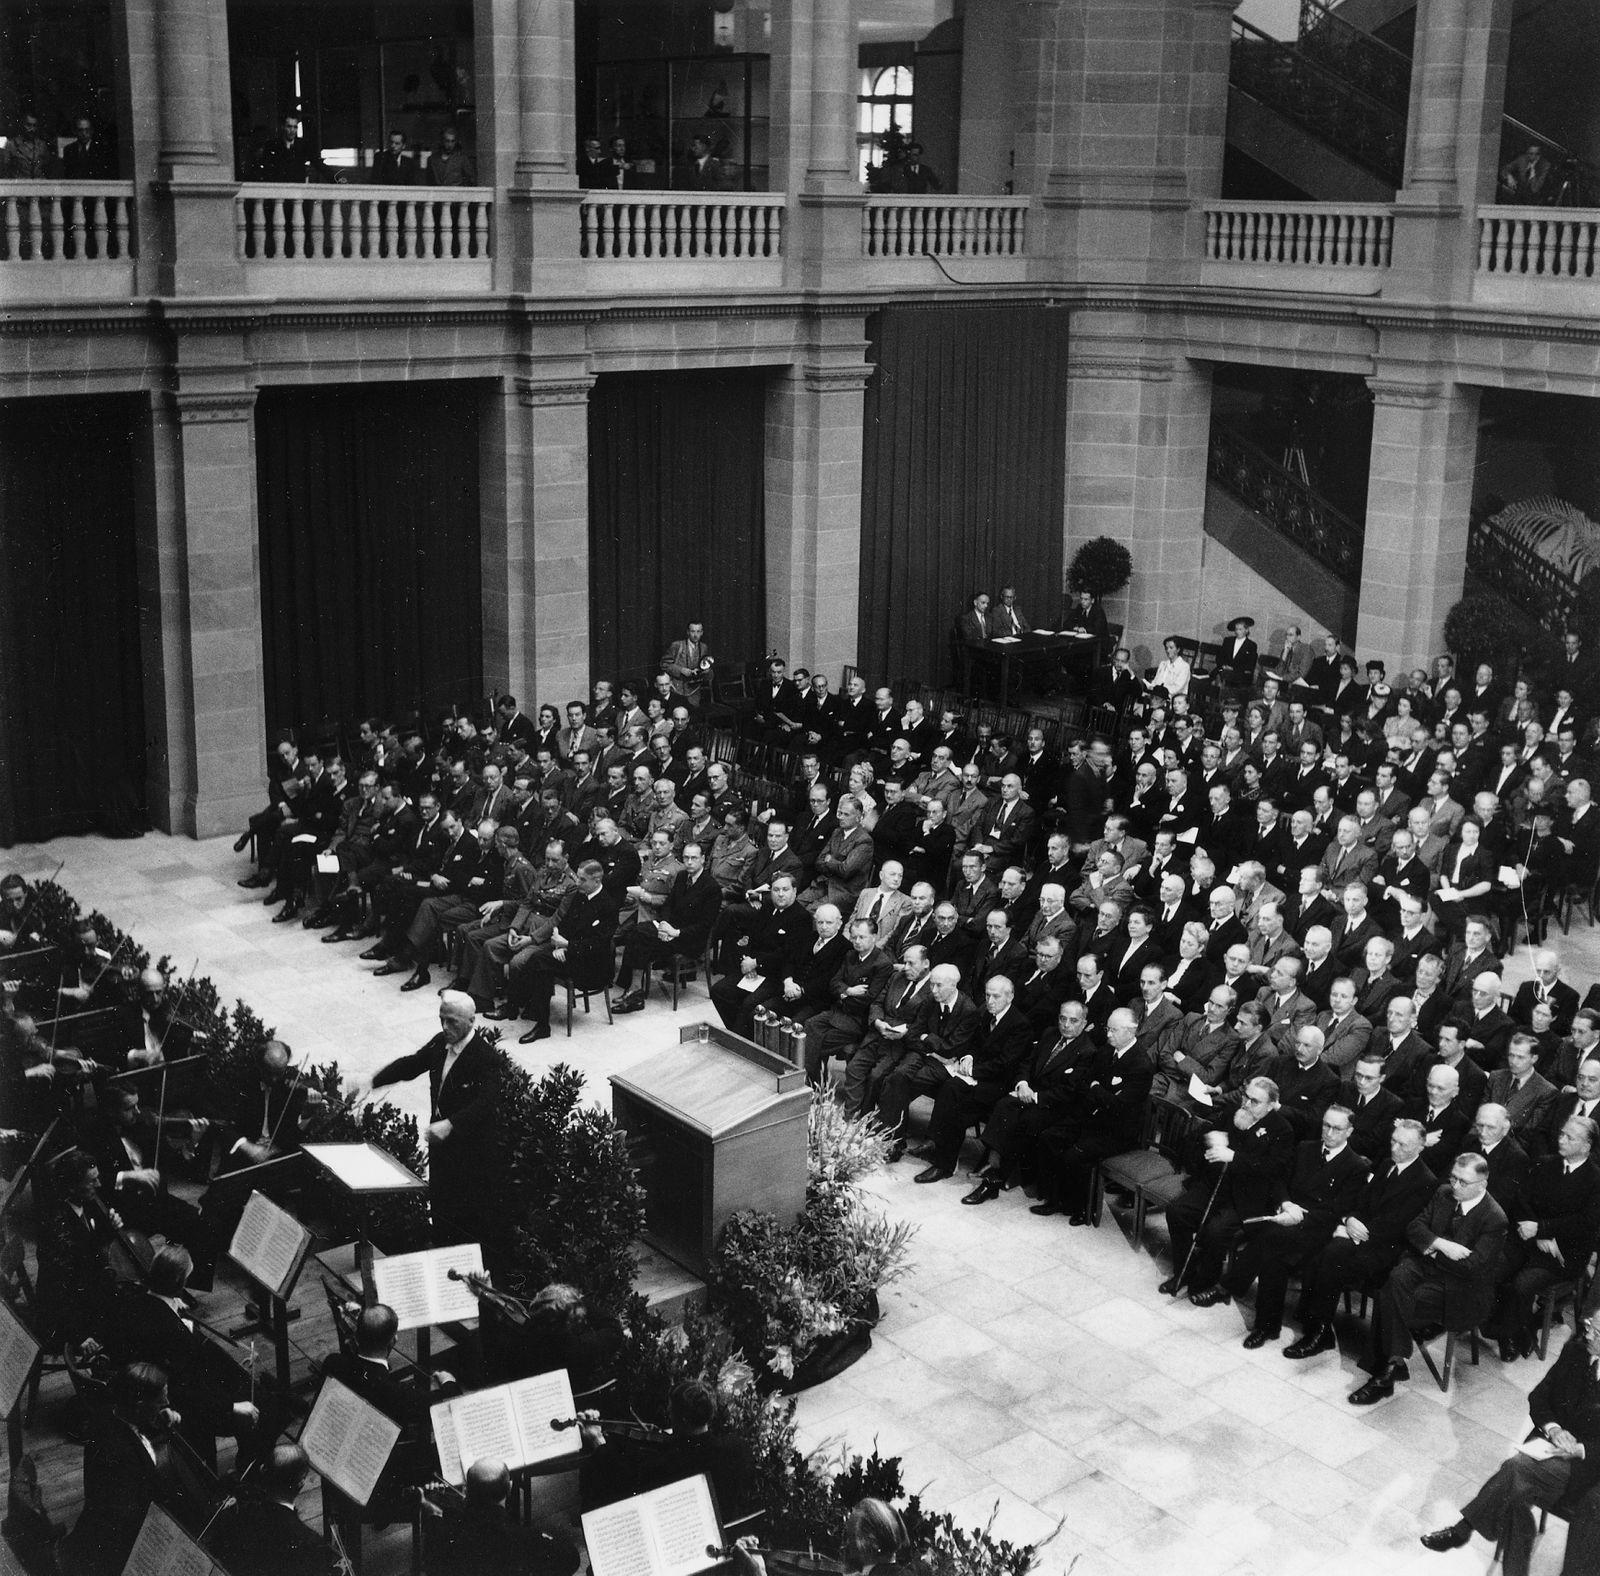 Parlamentarischer Rat - Eroeffnungssitzung